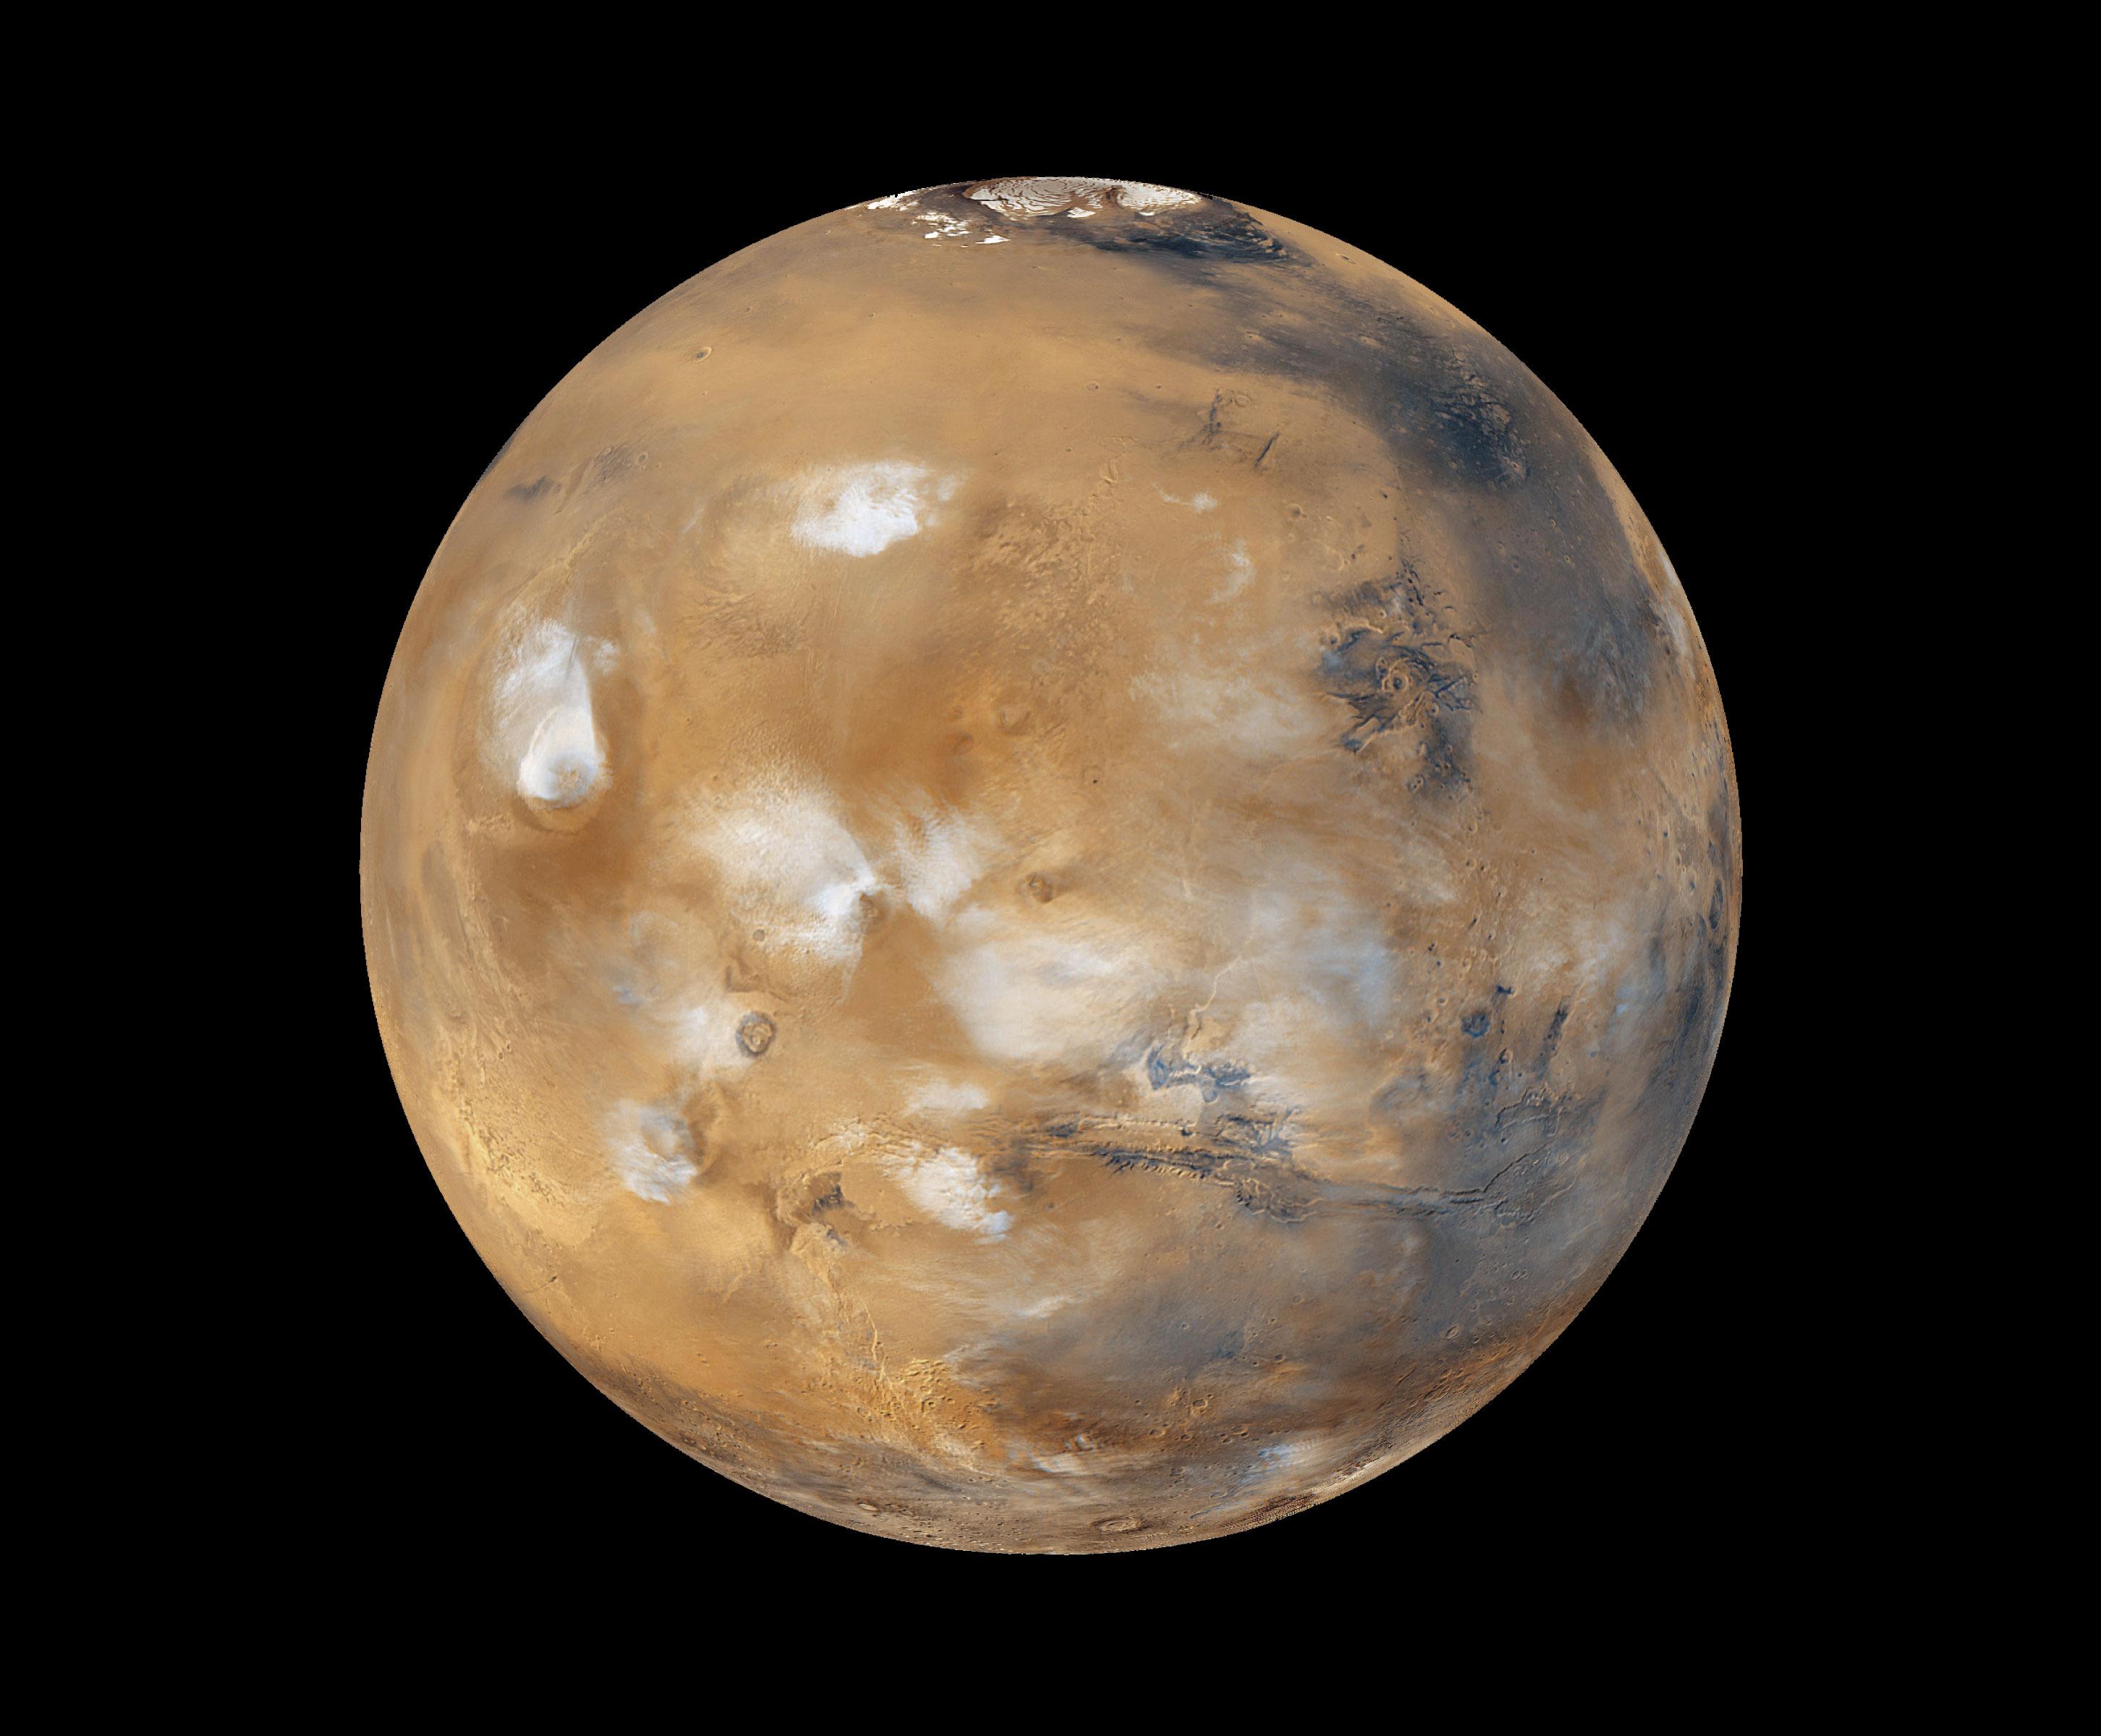 Planet - Wikipedia